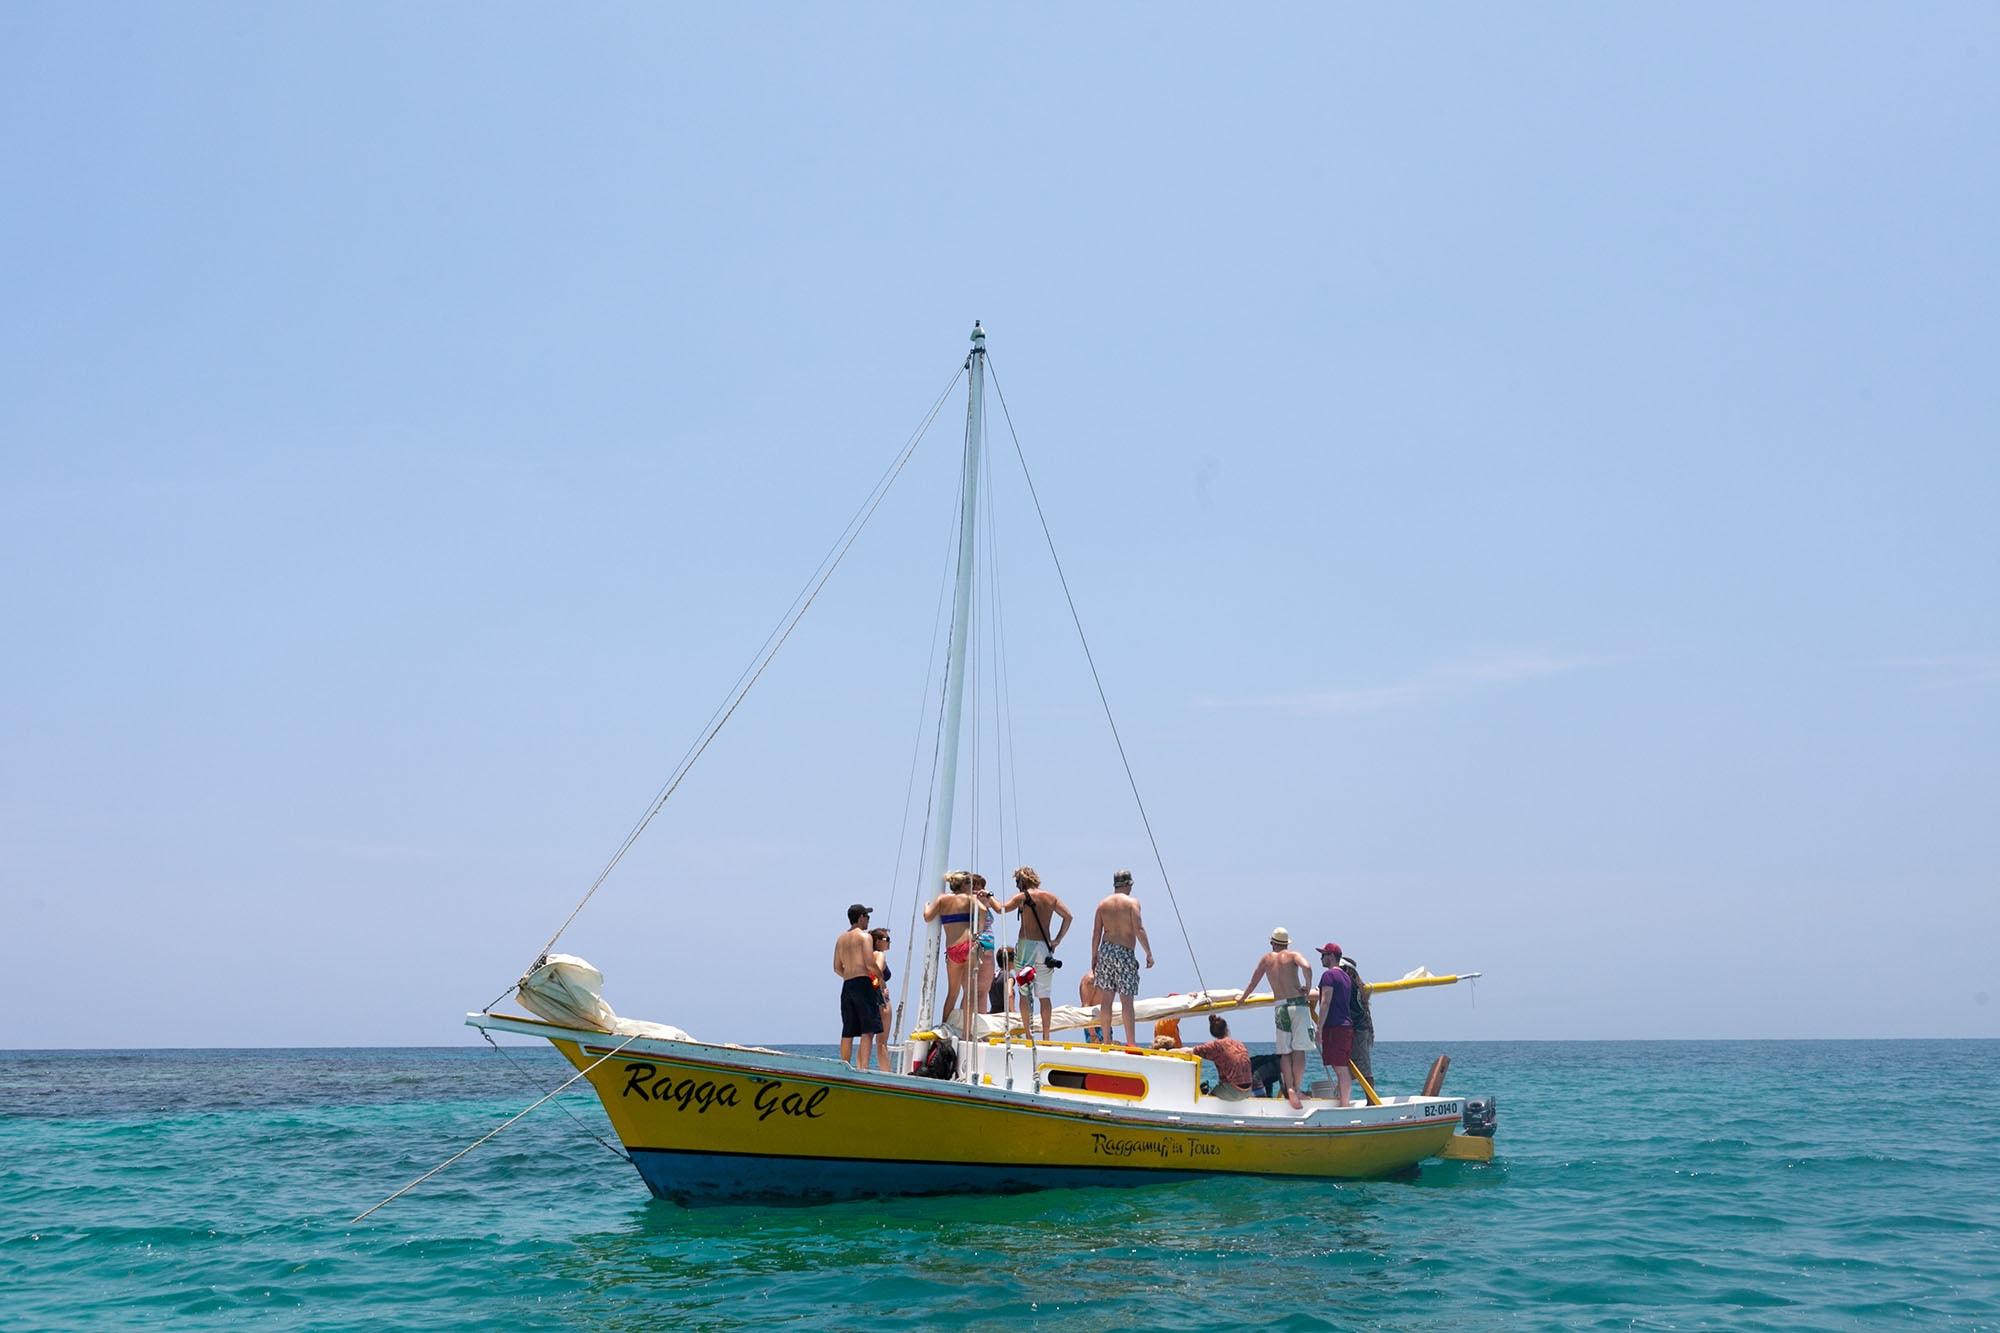 Full day snorkeling trip in Caye Caulker, Belize